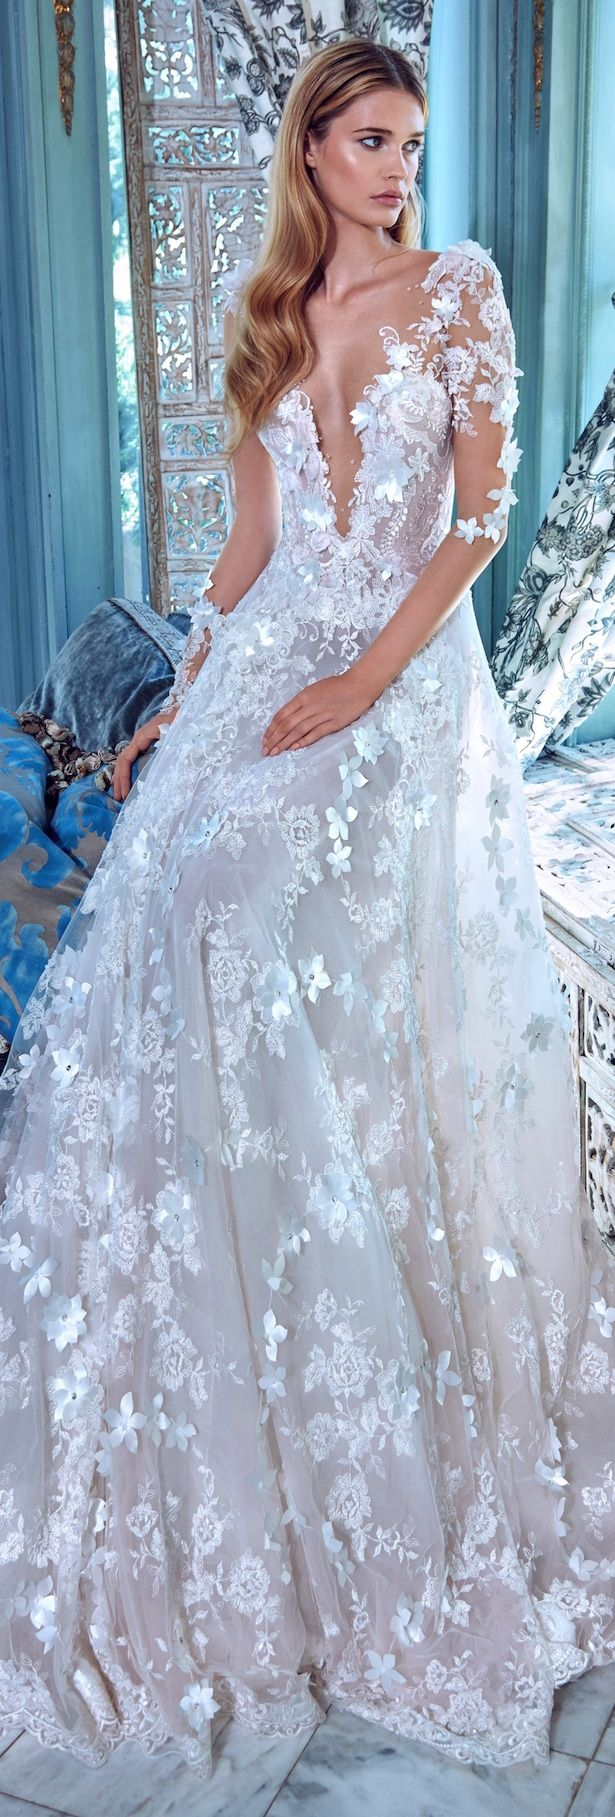 Galia Lahav Spring 2017 Collection - Le Secret Royal | Vestidos de ...